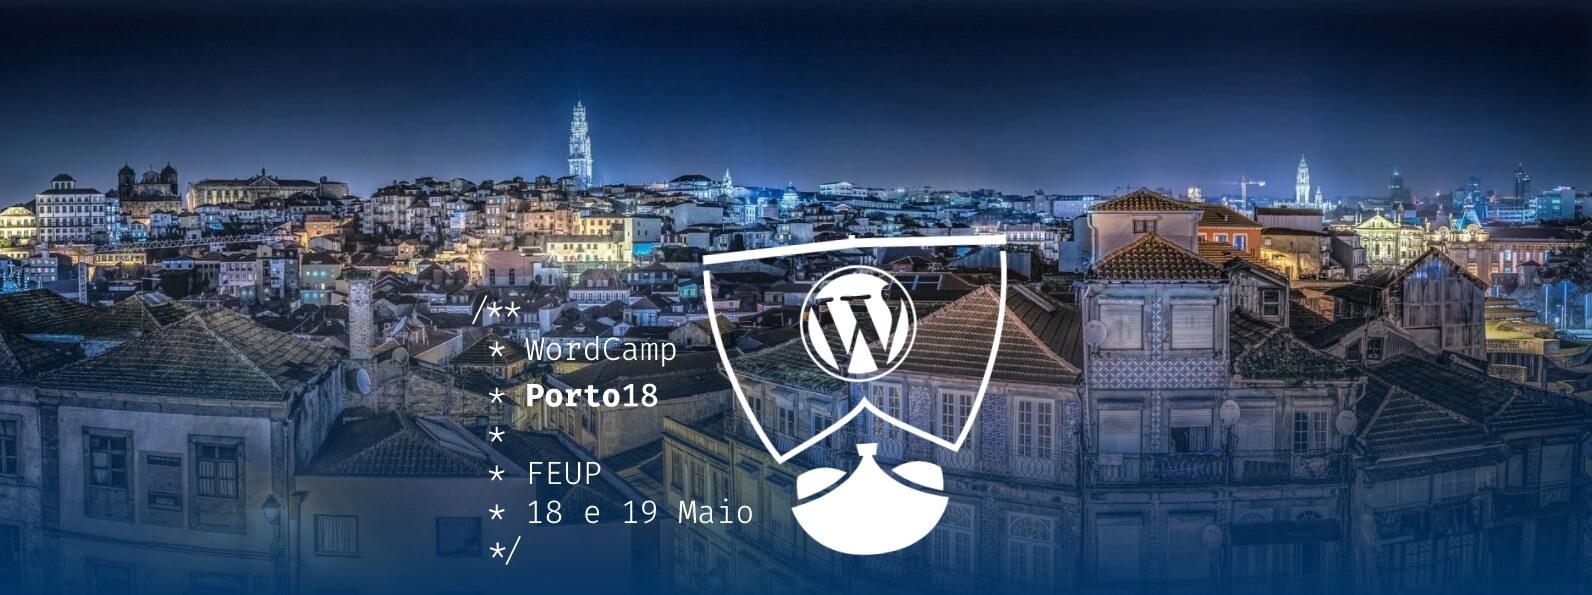 WordCamp Porto 2018 será a 18 e 19 de Maio